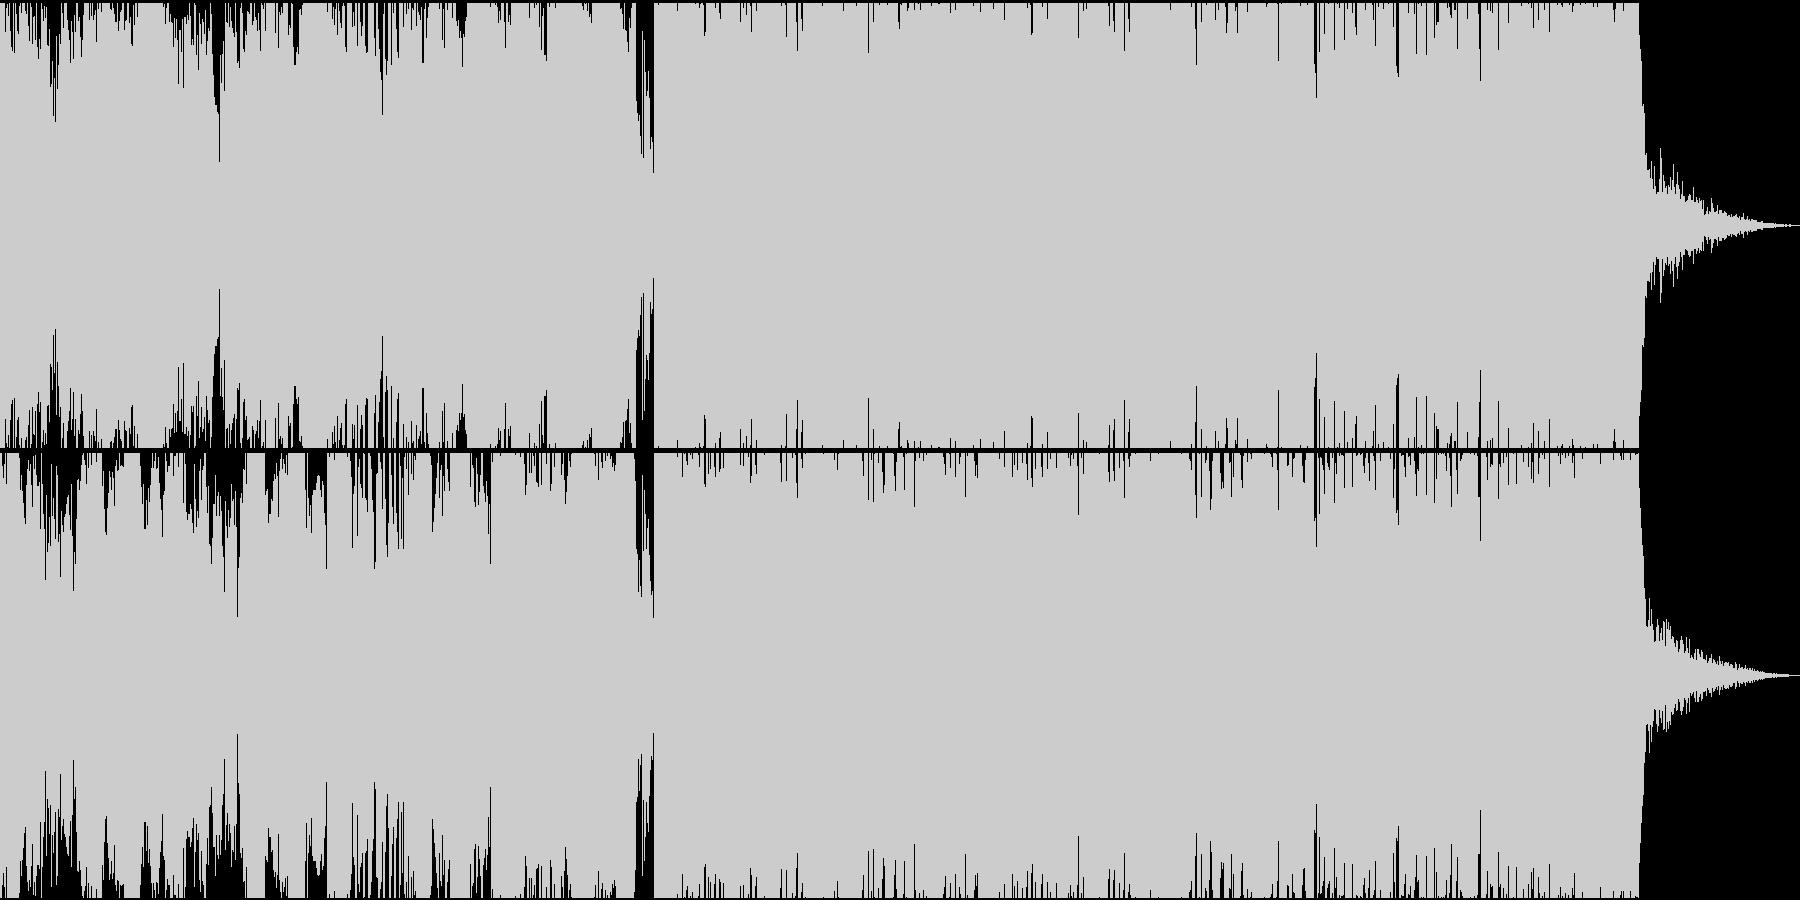 力強い欧米の雰囲気を感じるトラップEDMの未再生の波形